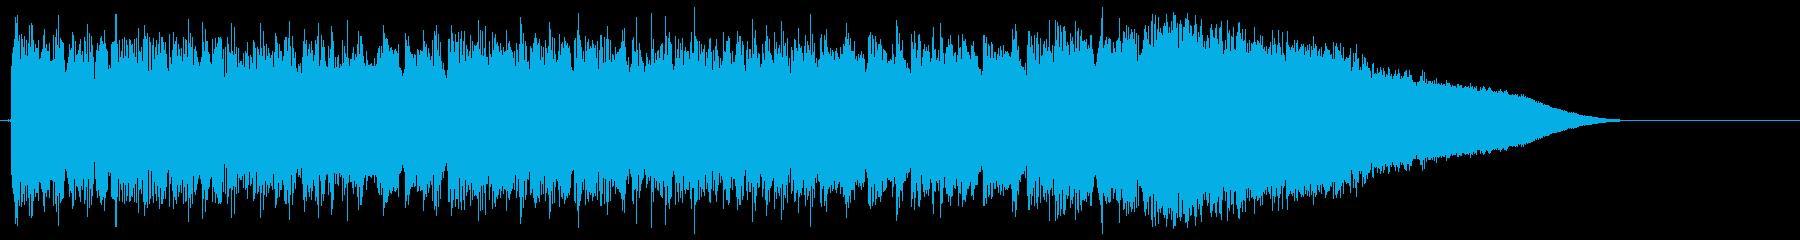 メタル イントロ ジングル 生演奏の再生済みの波形